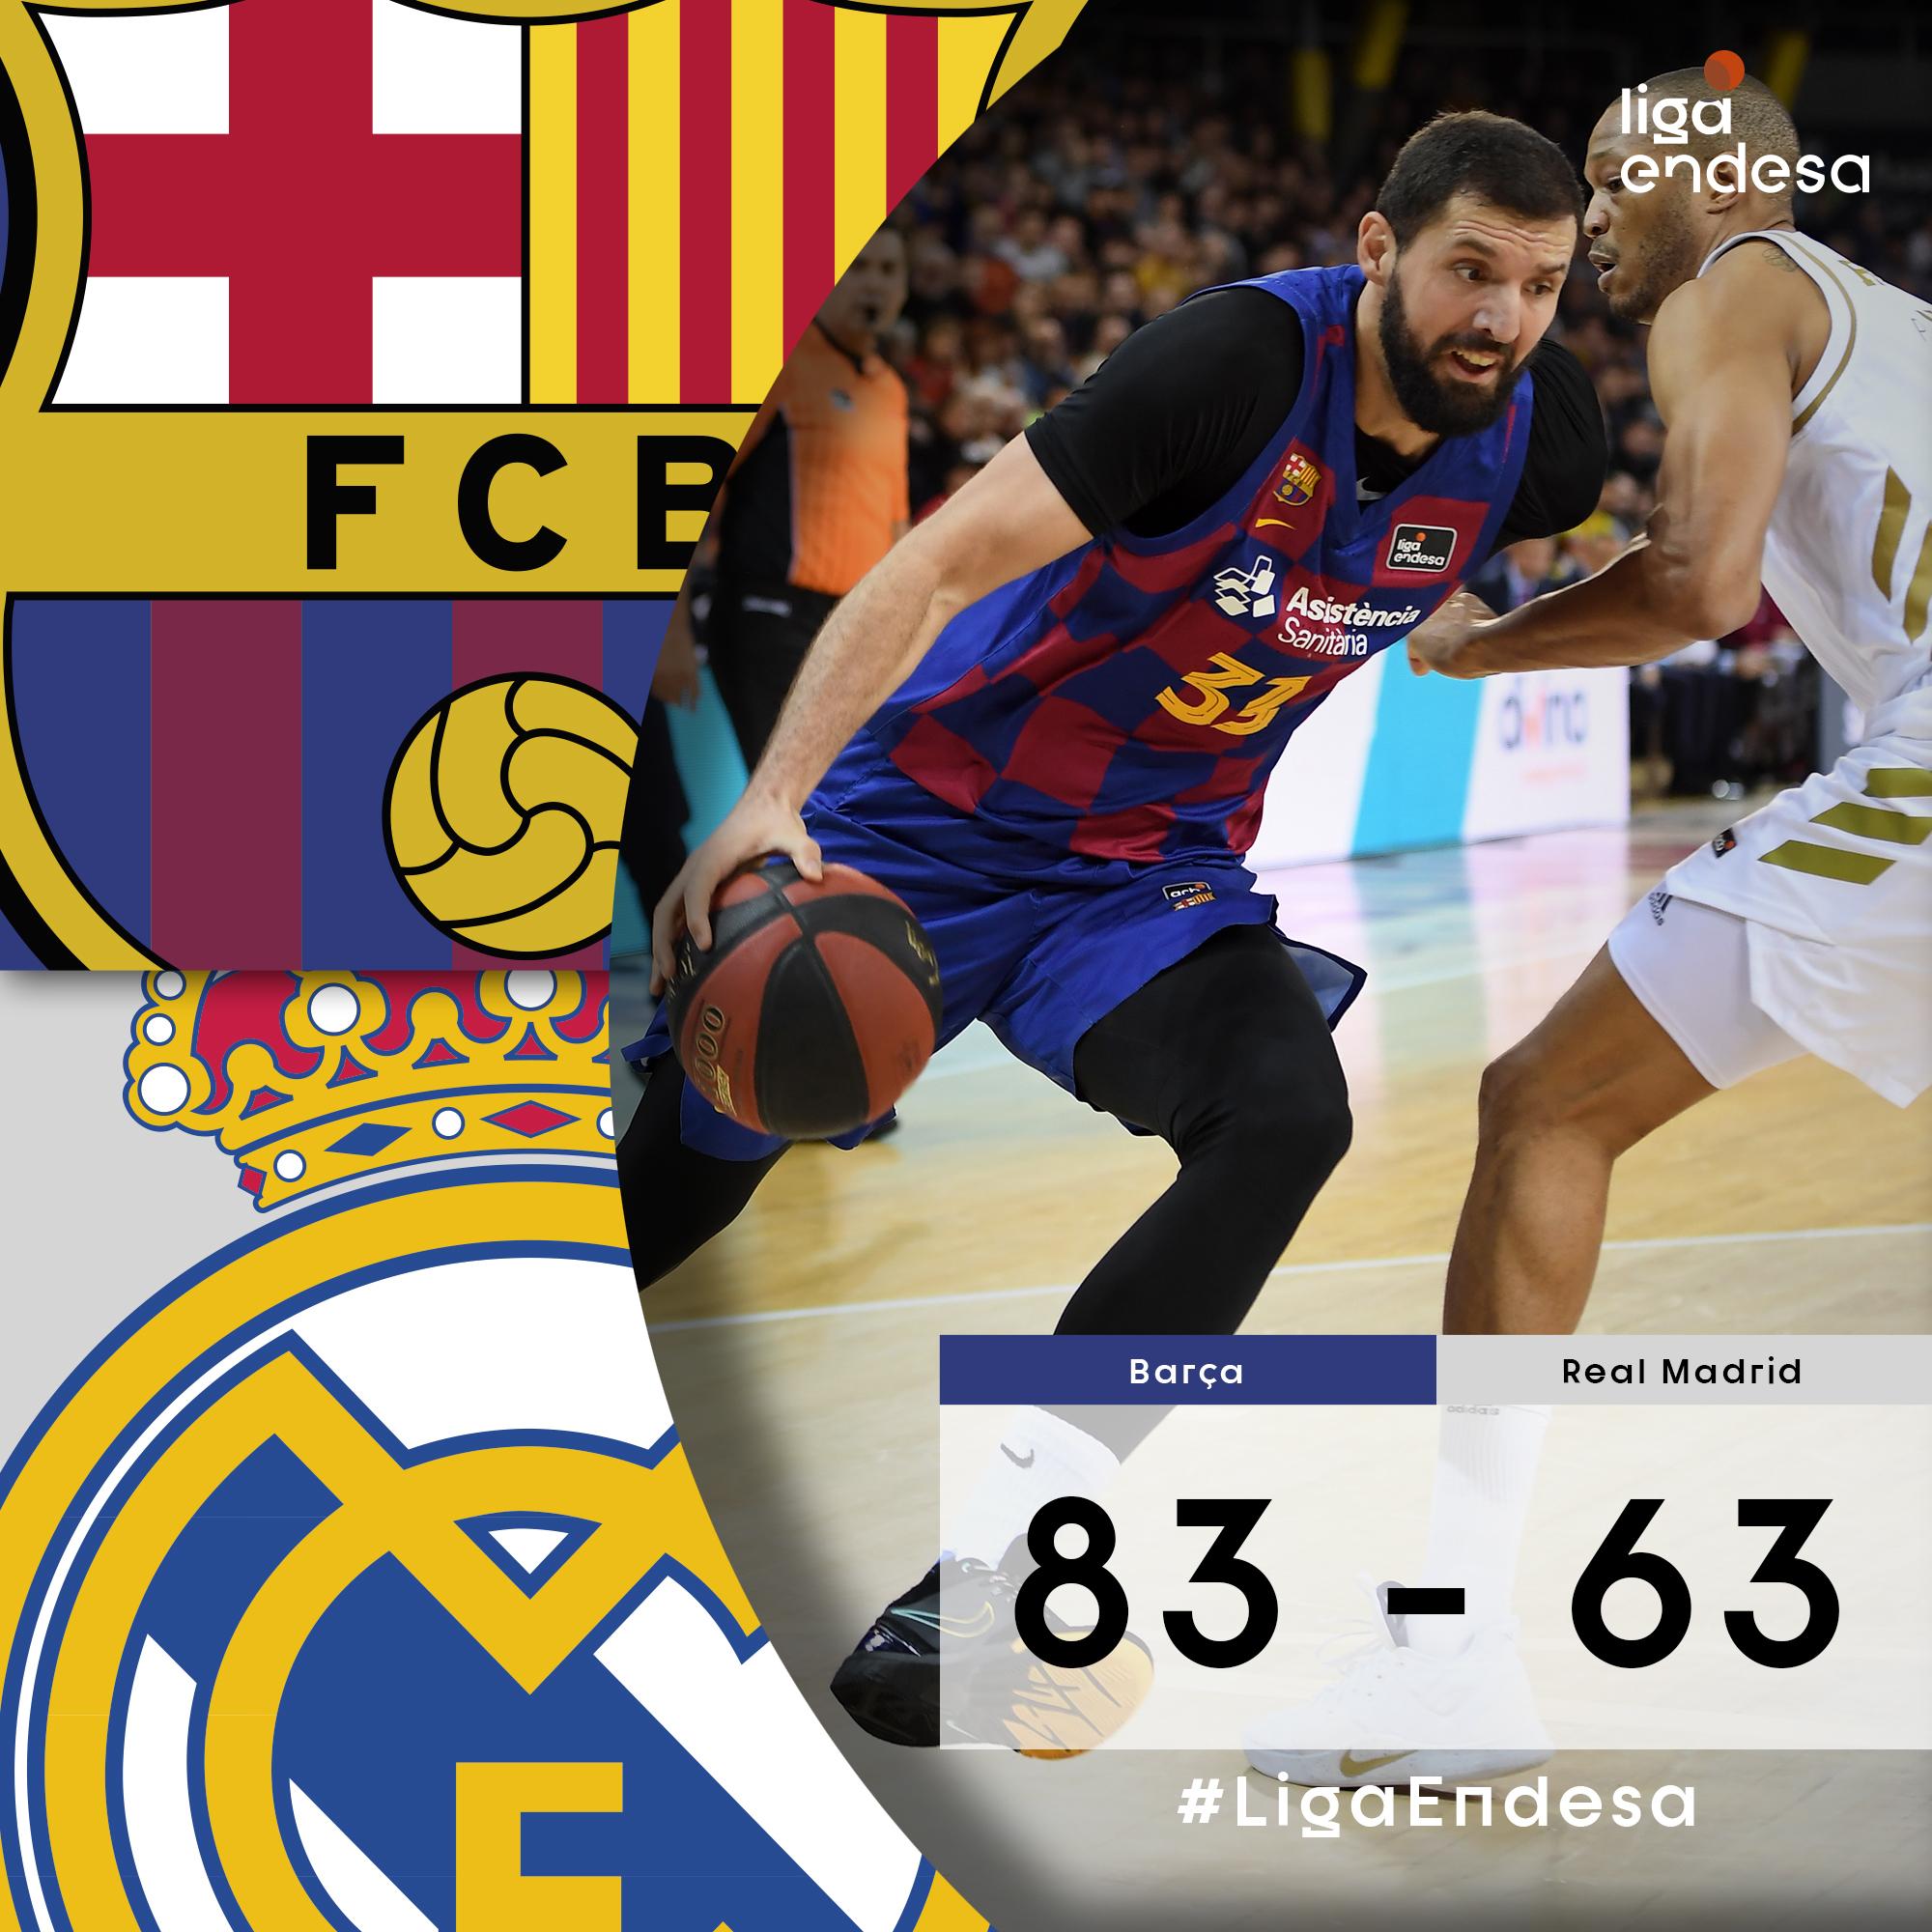 Barcelona - Real Madrid: resumen, resultado y estadísticas - ACB Liga  Endesa   Marca.com